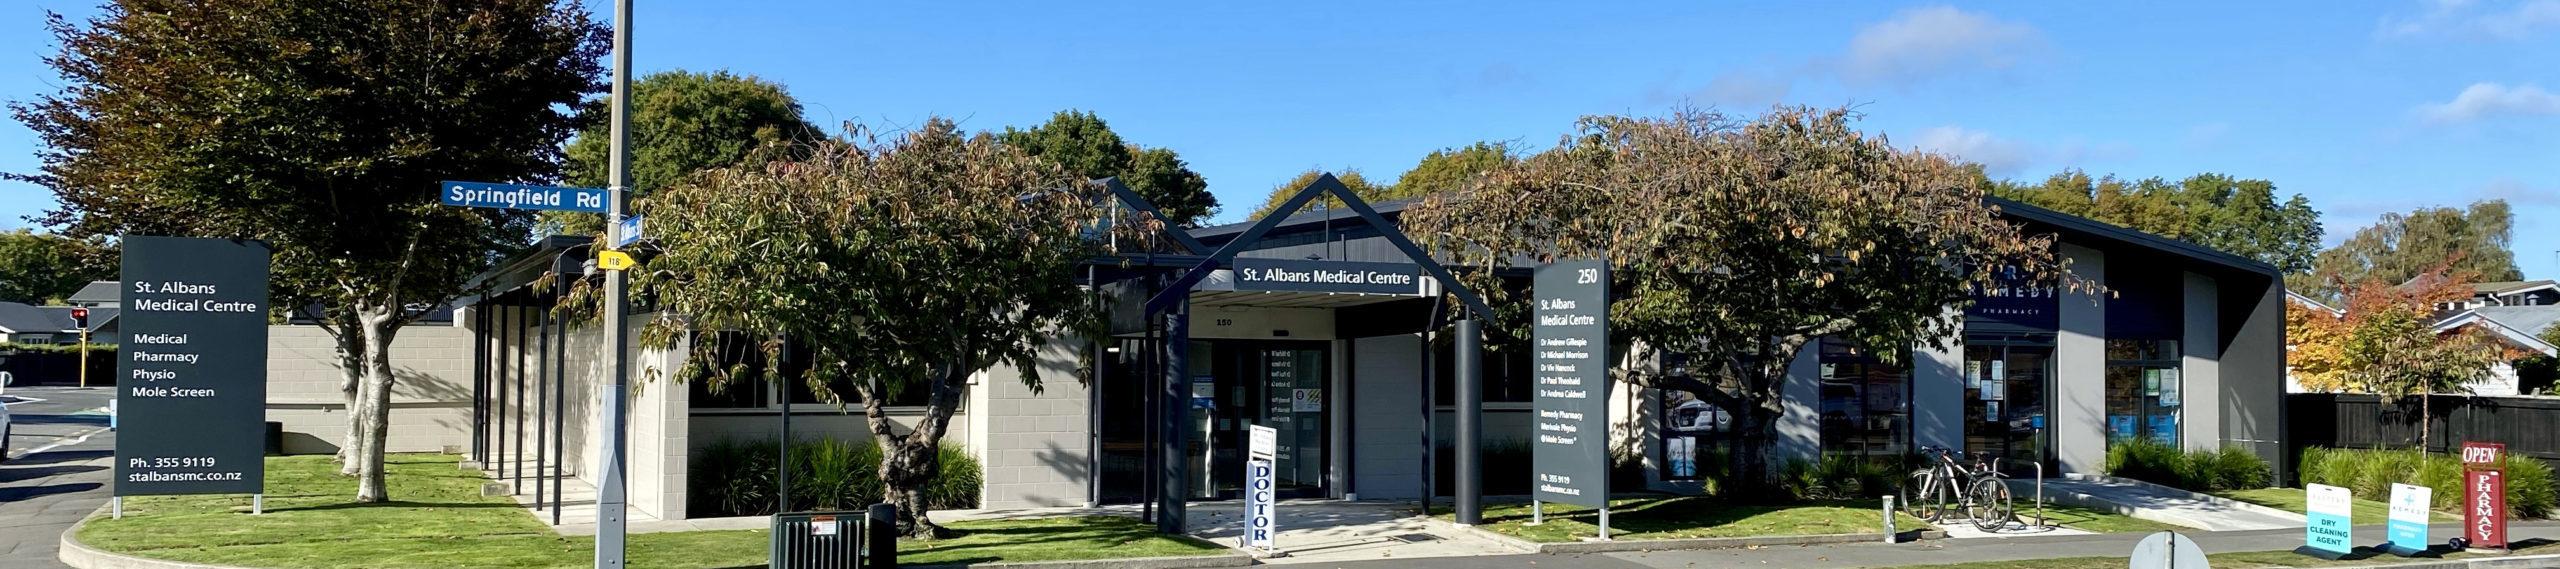 St Albans Medical Centre